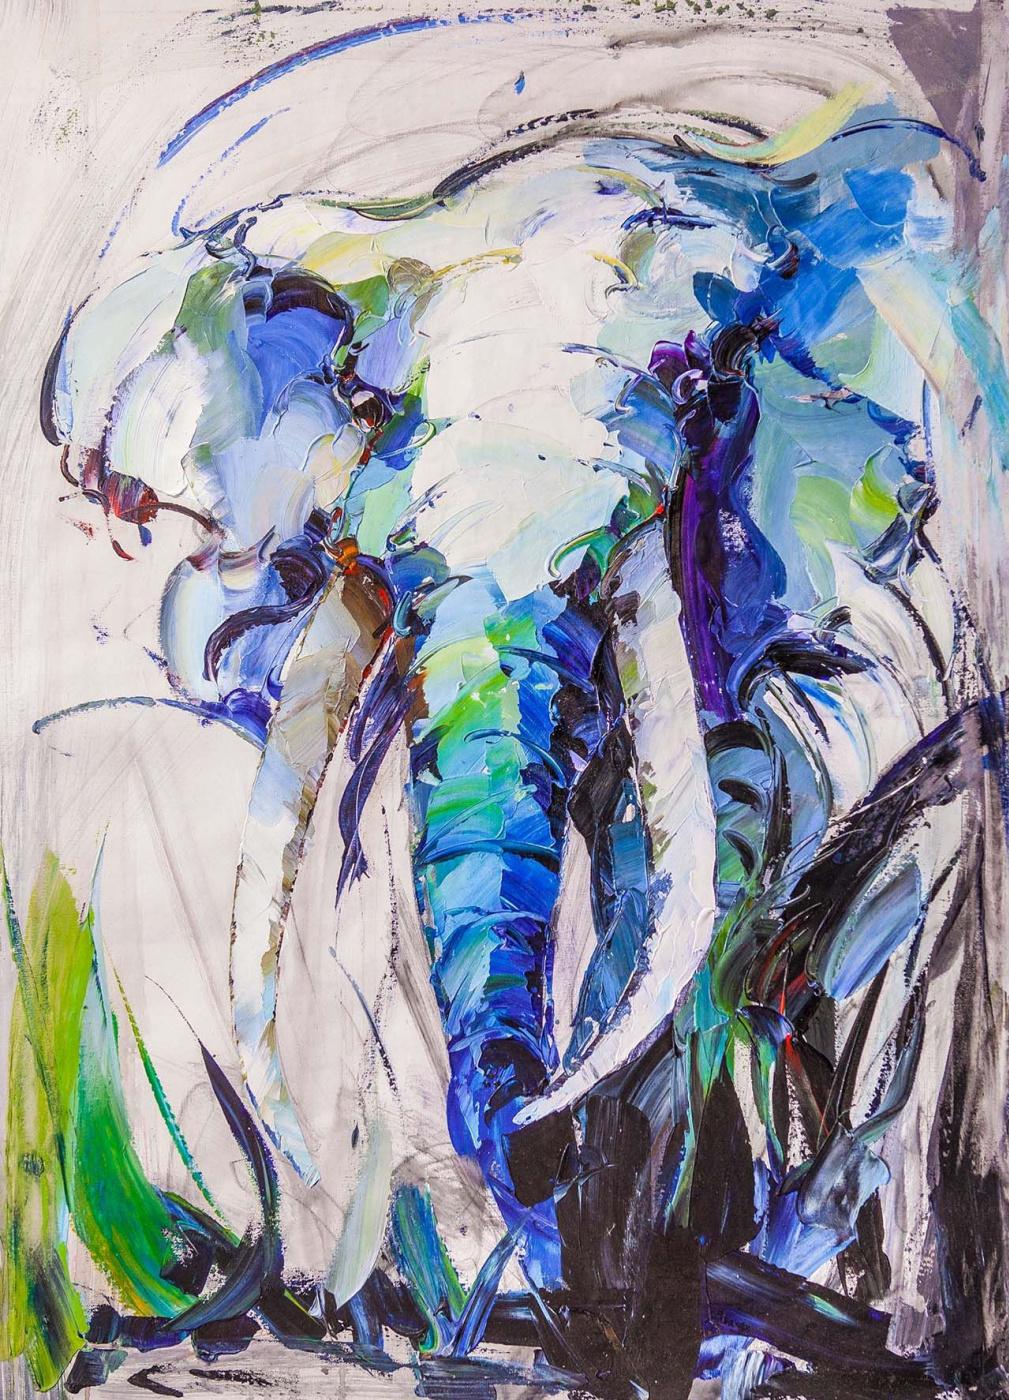 Jose Rodriguez. Portrait of an elephant. Blue tone